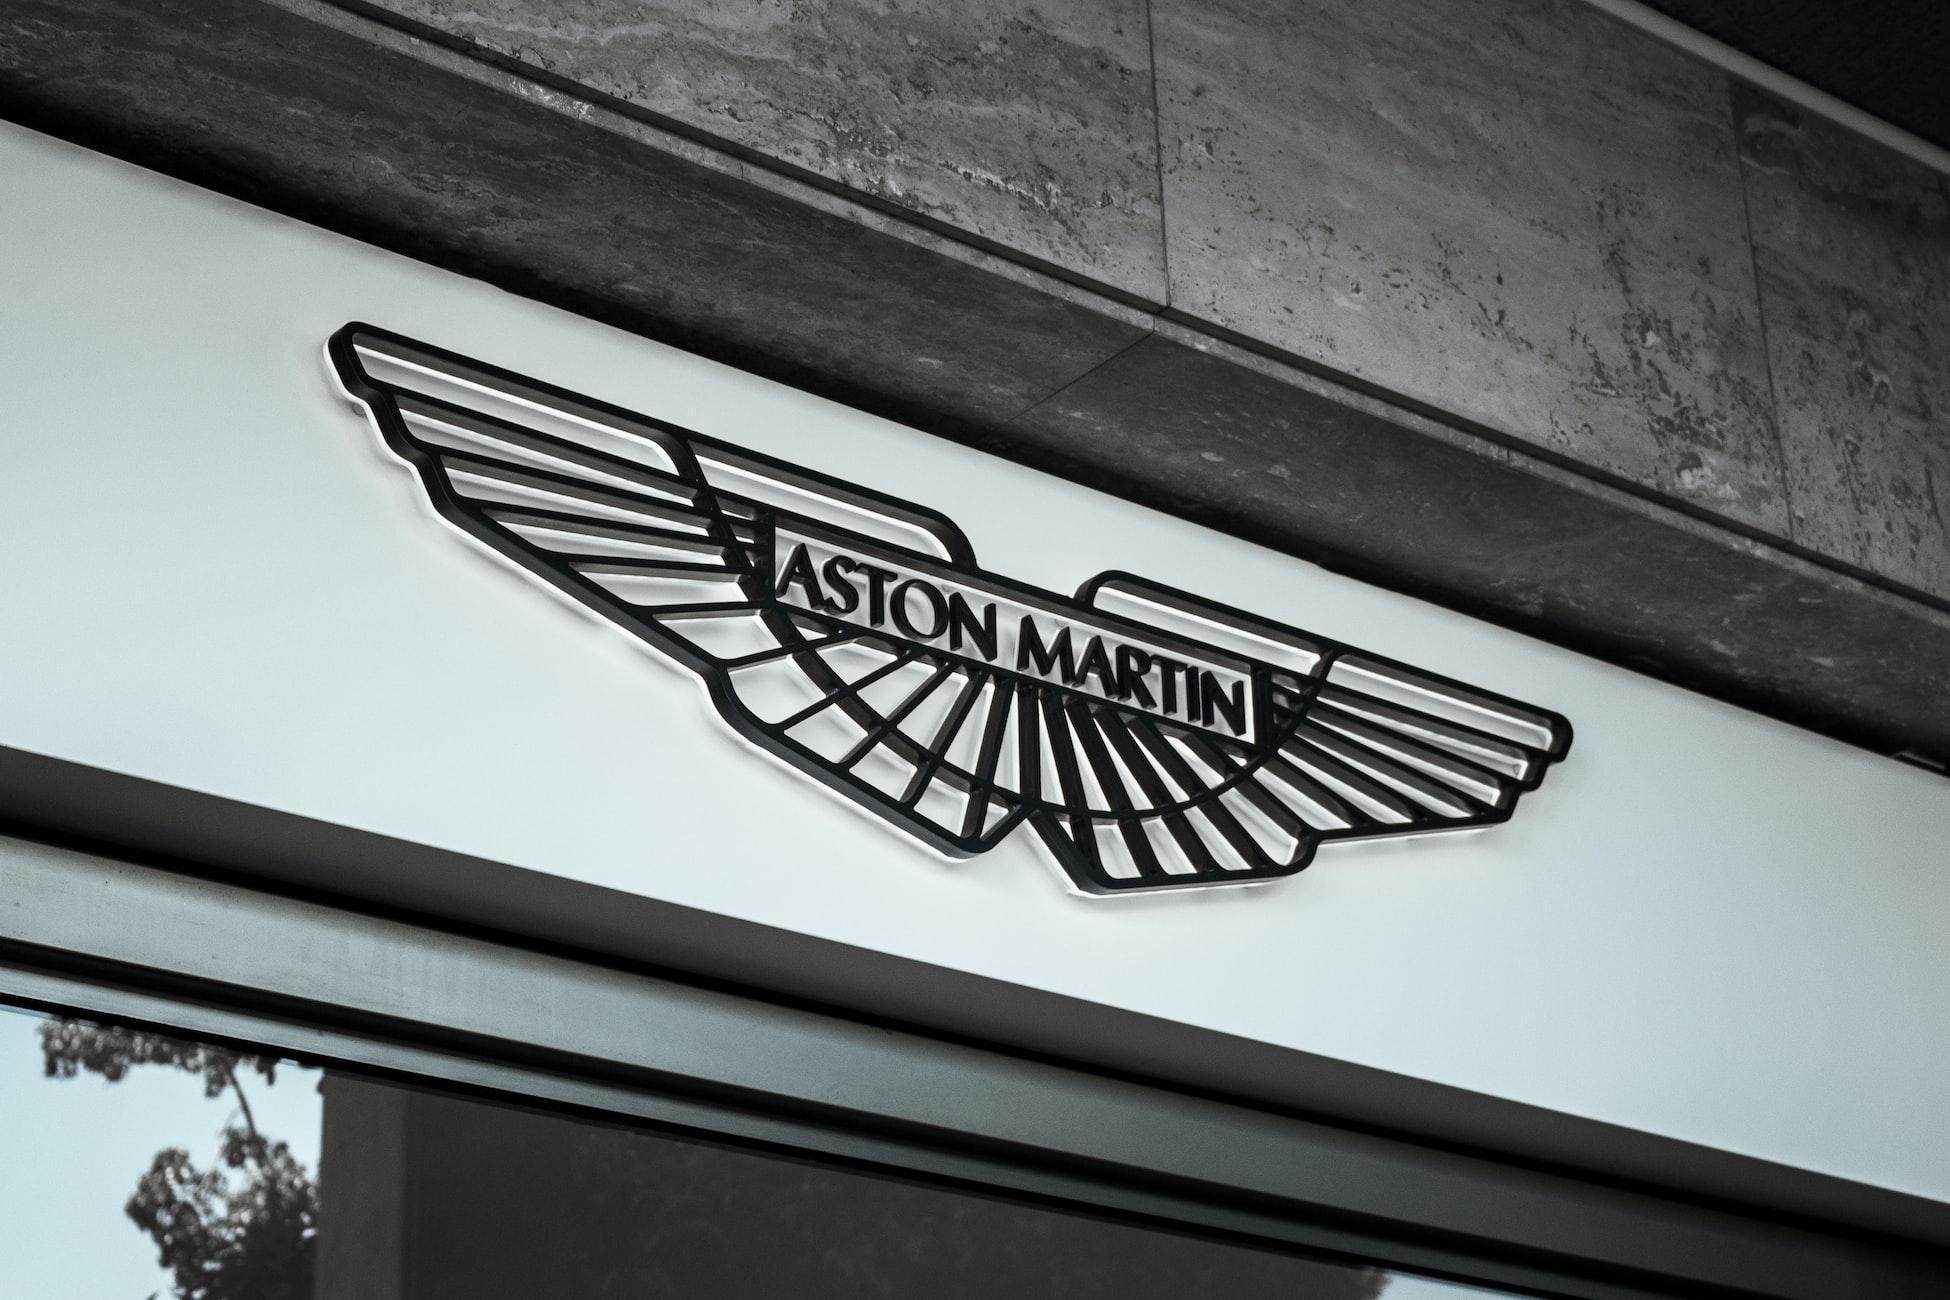 Aston Martin's event marketing campaign